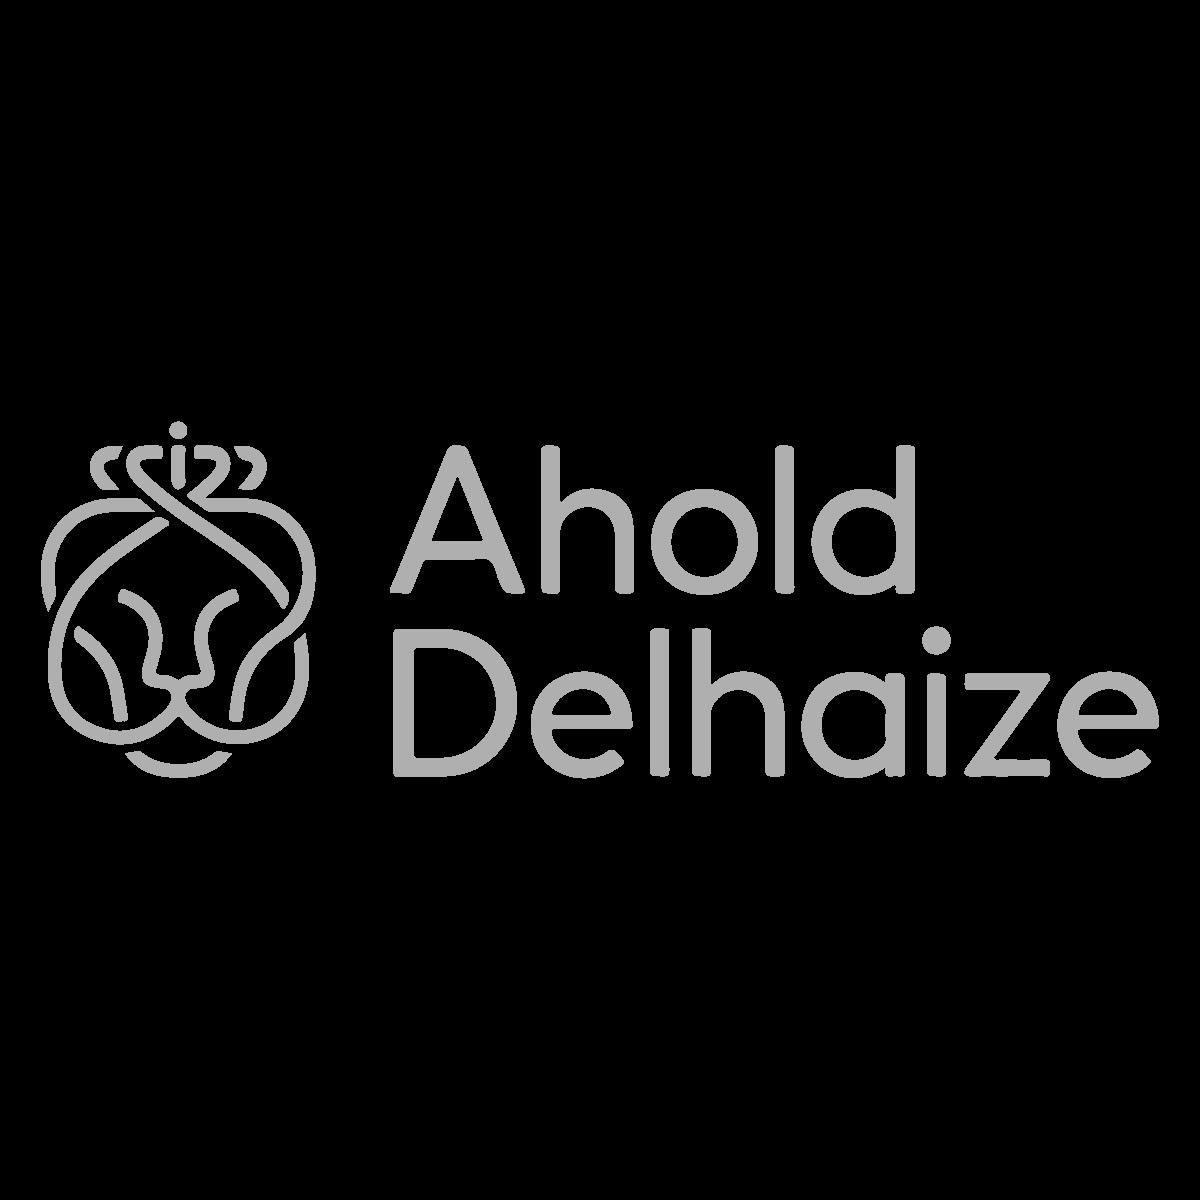 Ahold-Delhaize.png